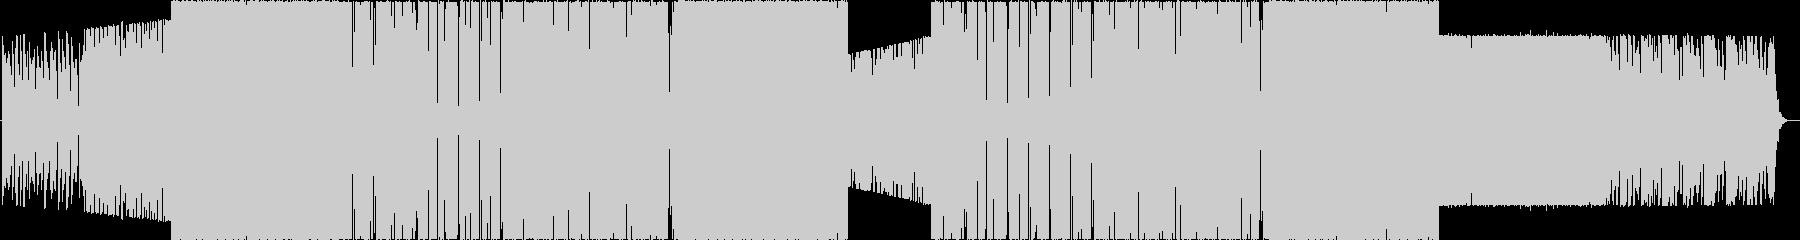 大人な雰囲気の Jazzy HIPHOPの未再生の波形